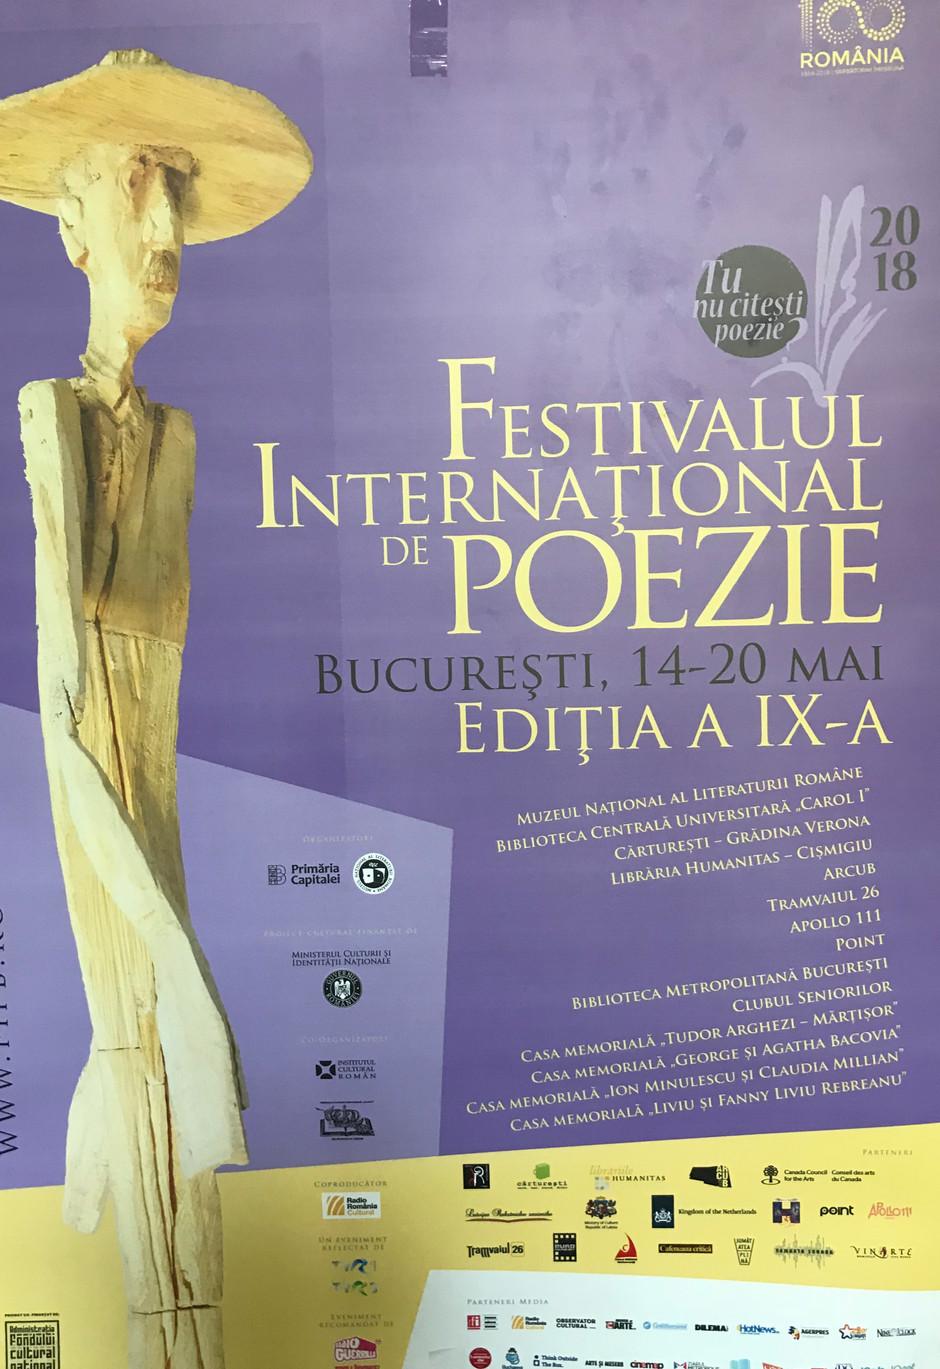 Festivalul International de Poezie, editia a IX-a